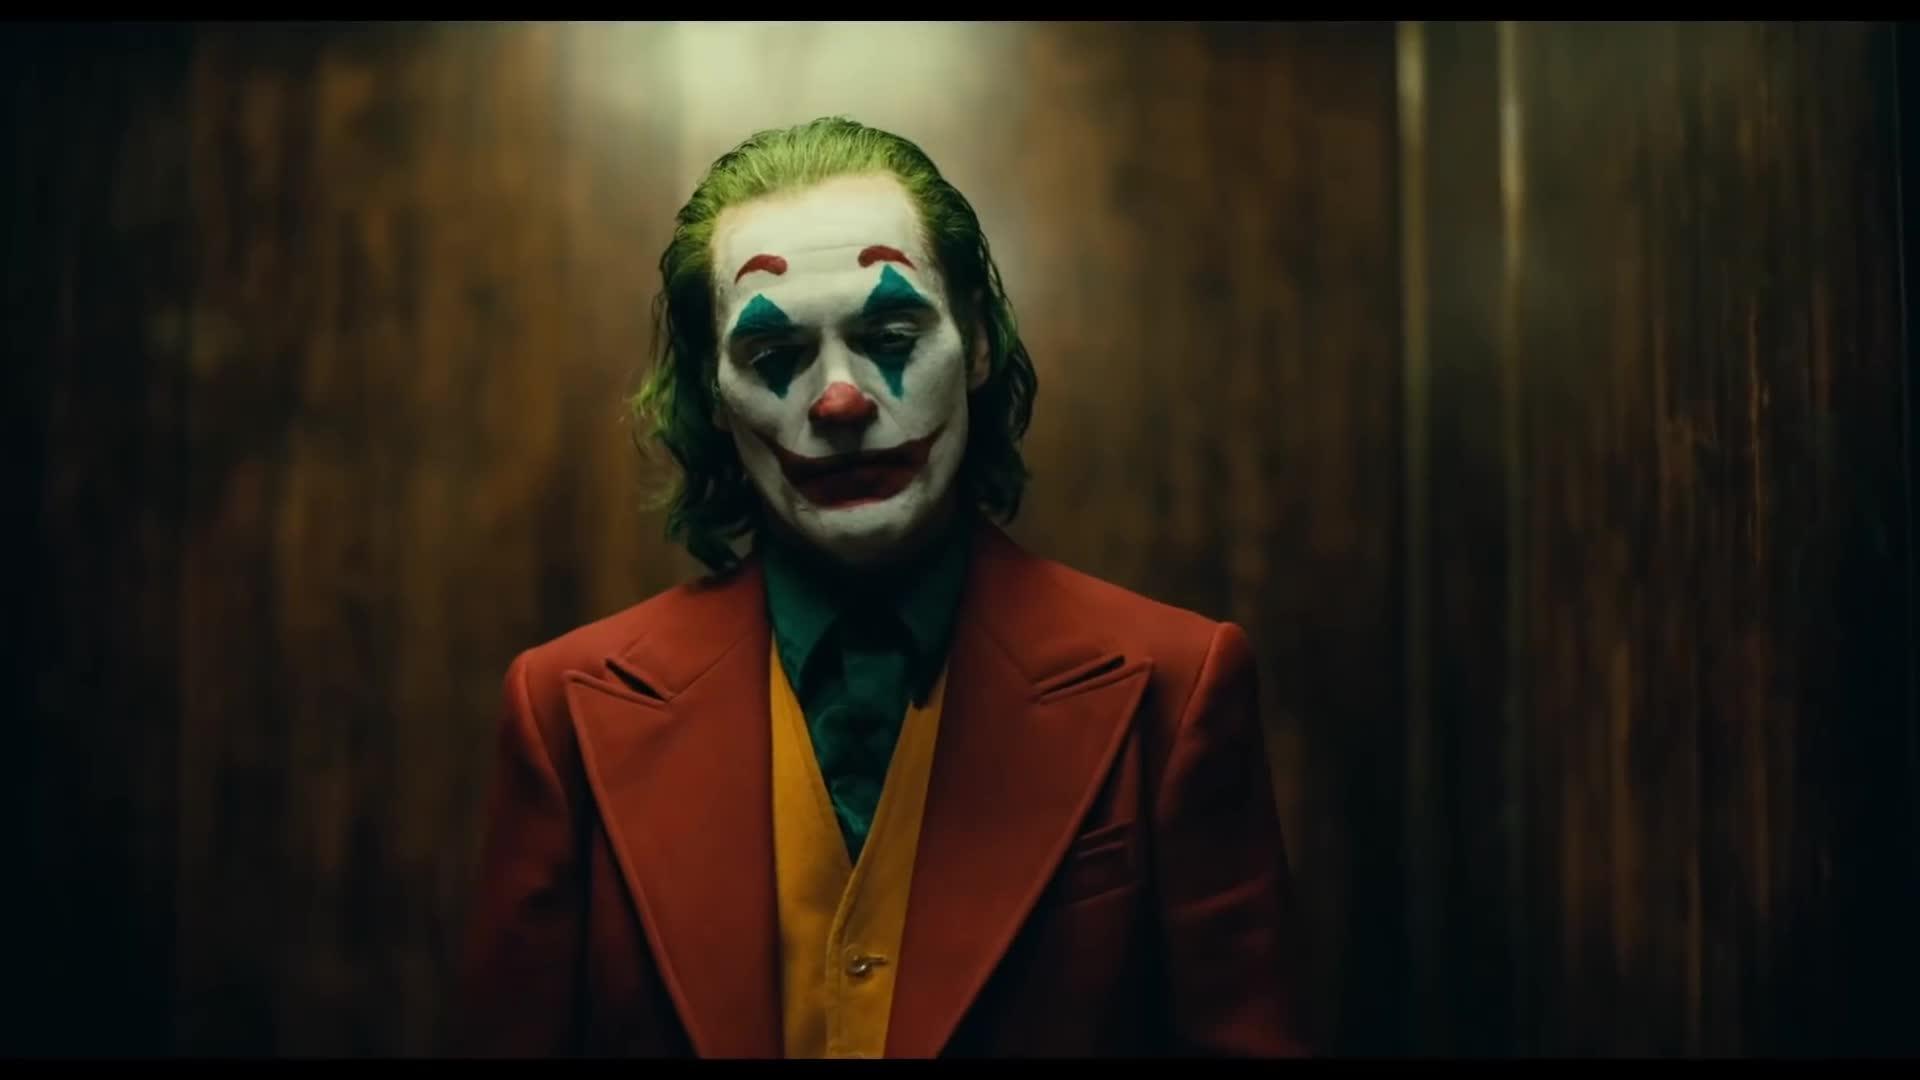 Joker 2019 Film Trailer Kritik